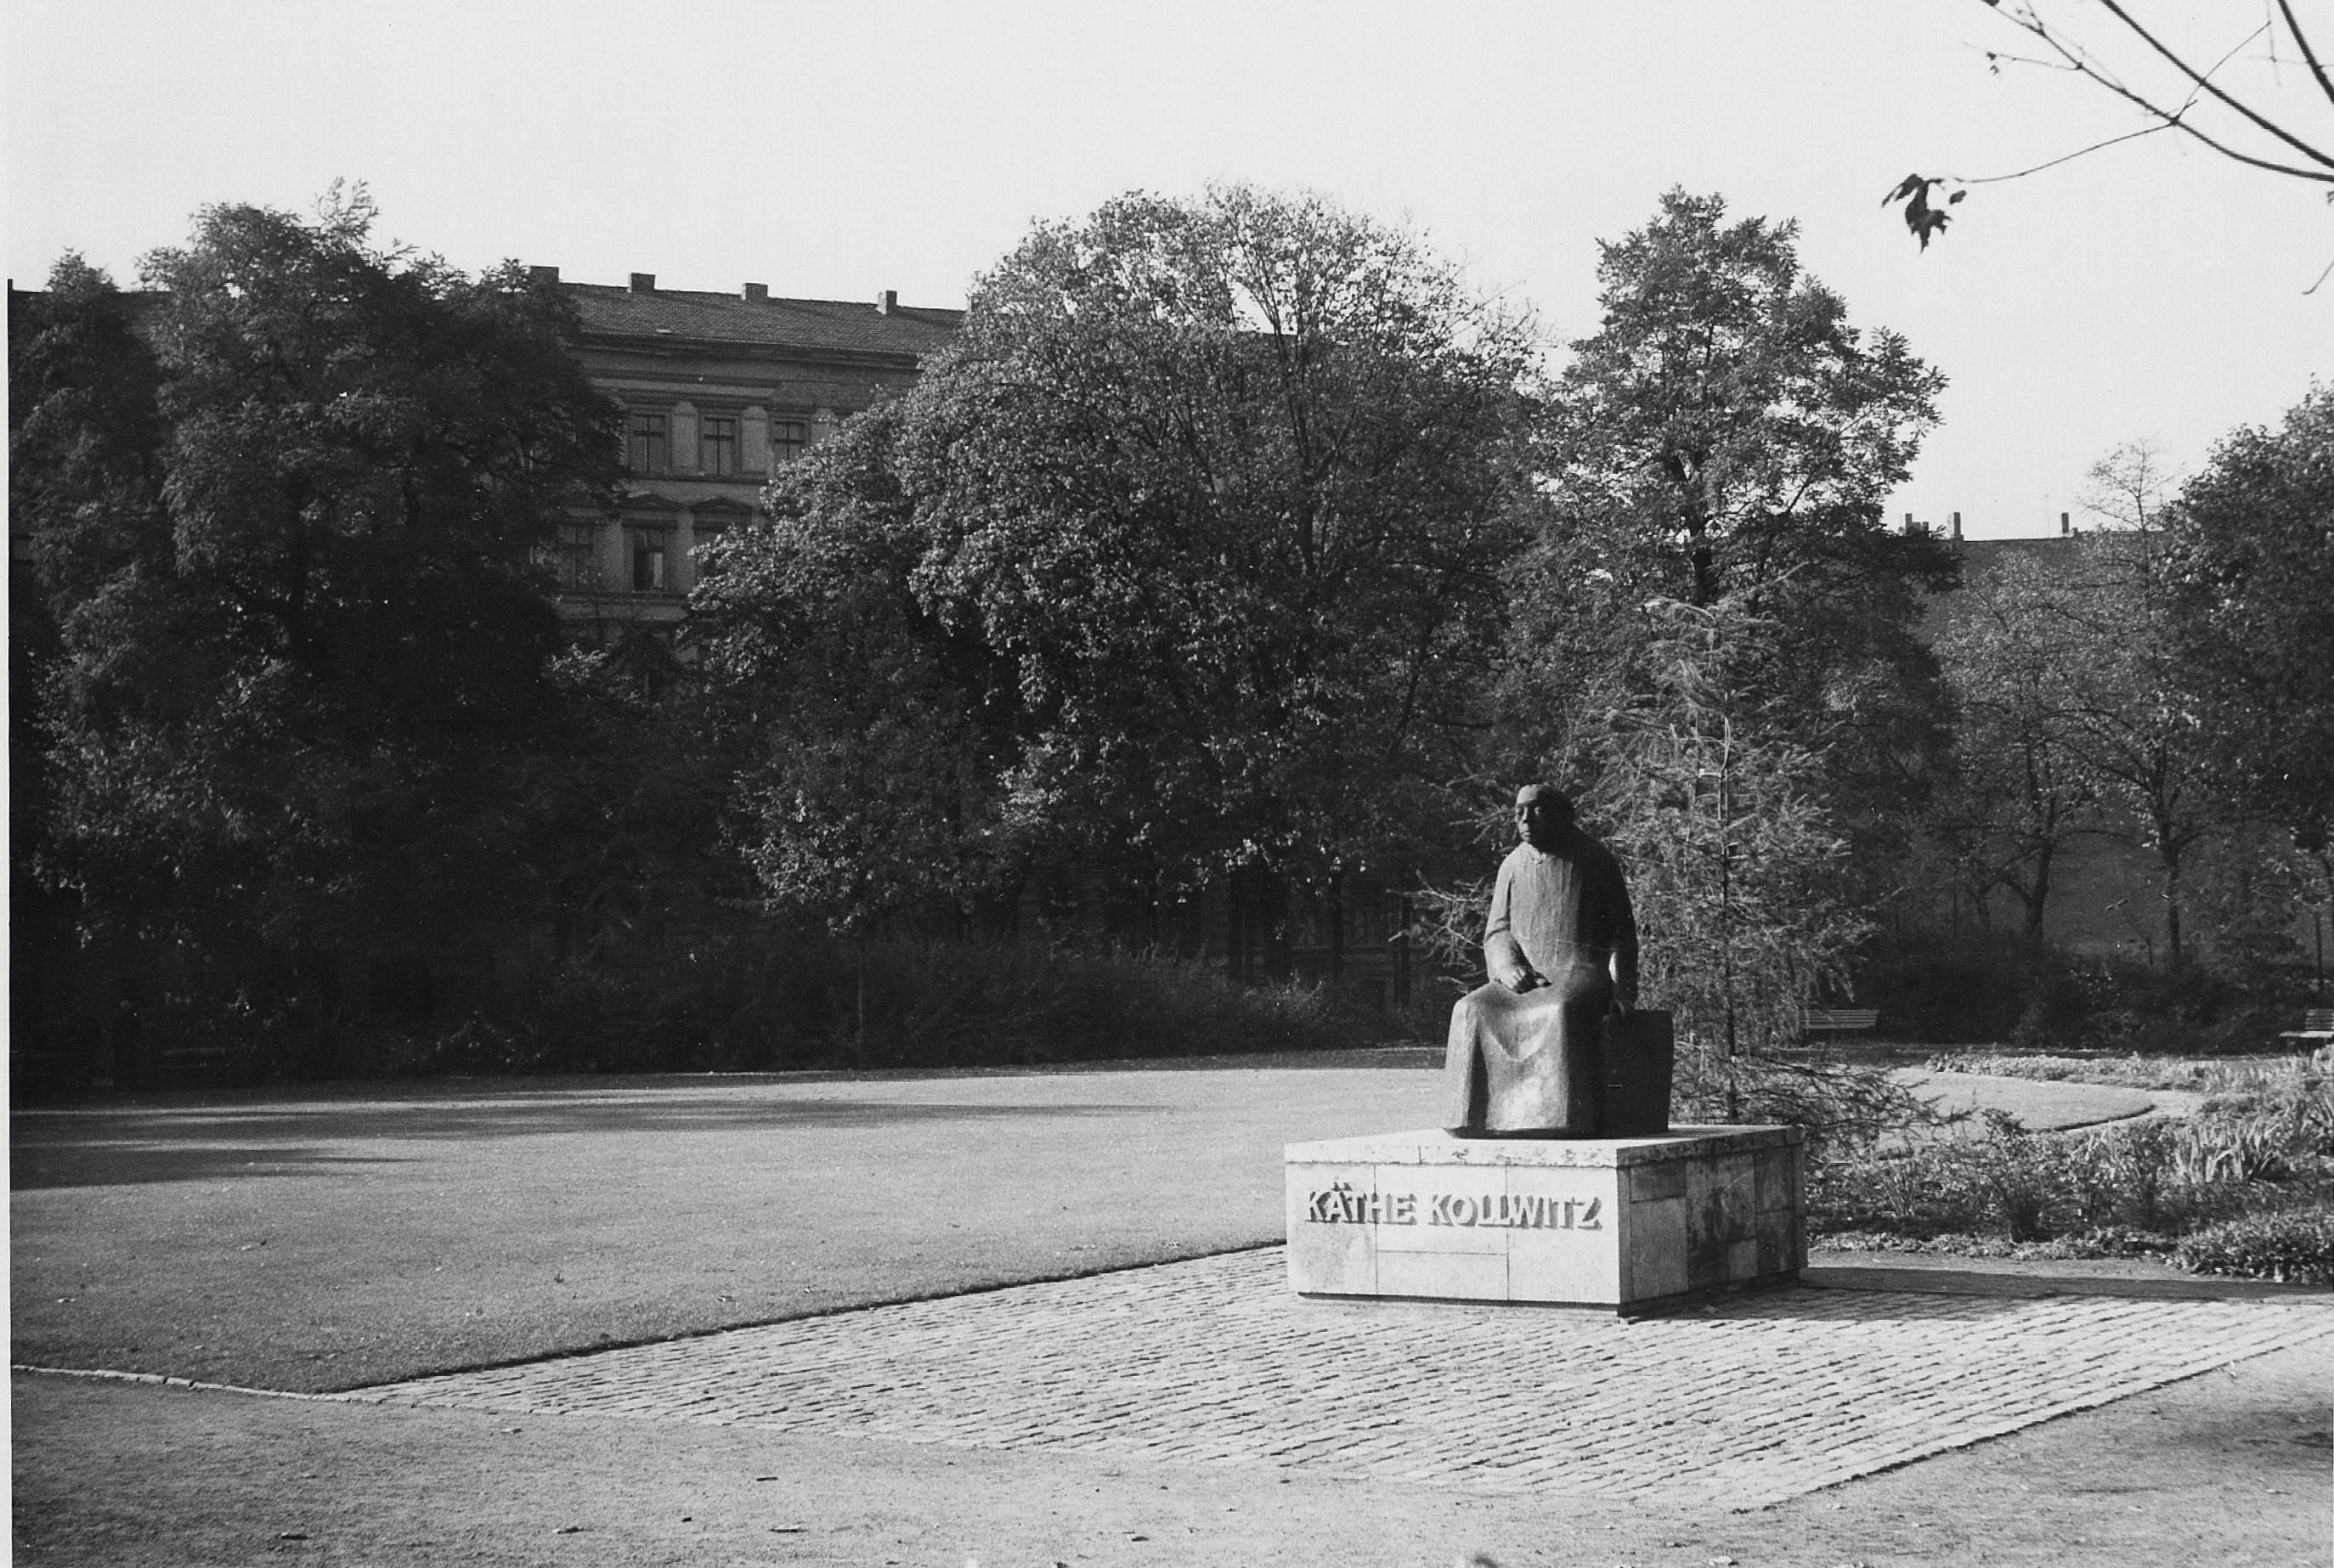 Das Kollwitzdenkmal wurde 1961 eingeweiht - die Plakette am Sockel ist falsch. (Archivfoto Gustav Seitz Stiftung, Hamburg)